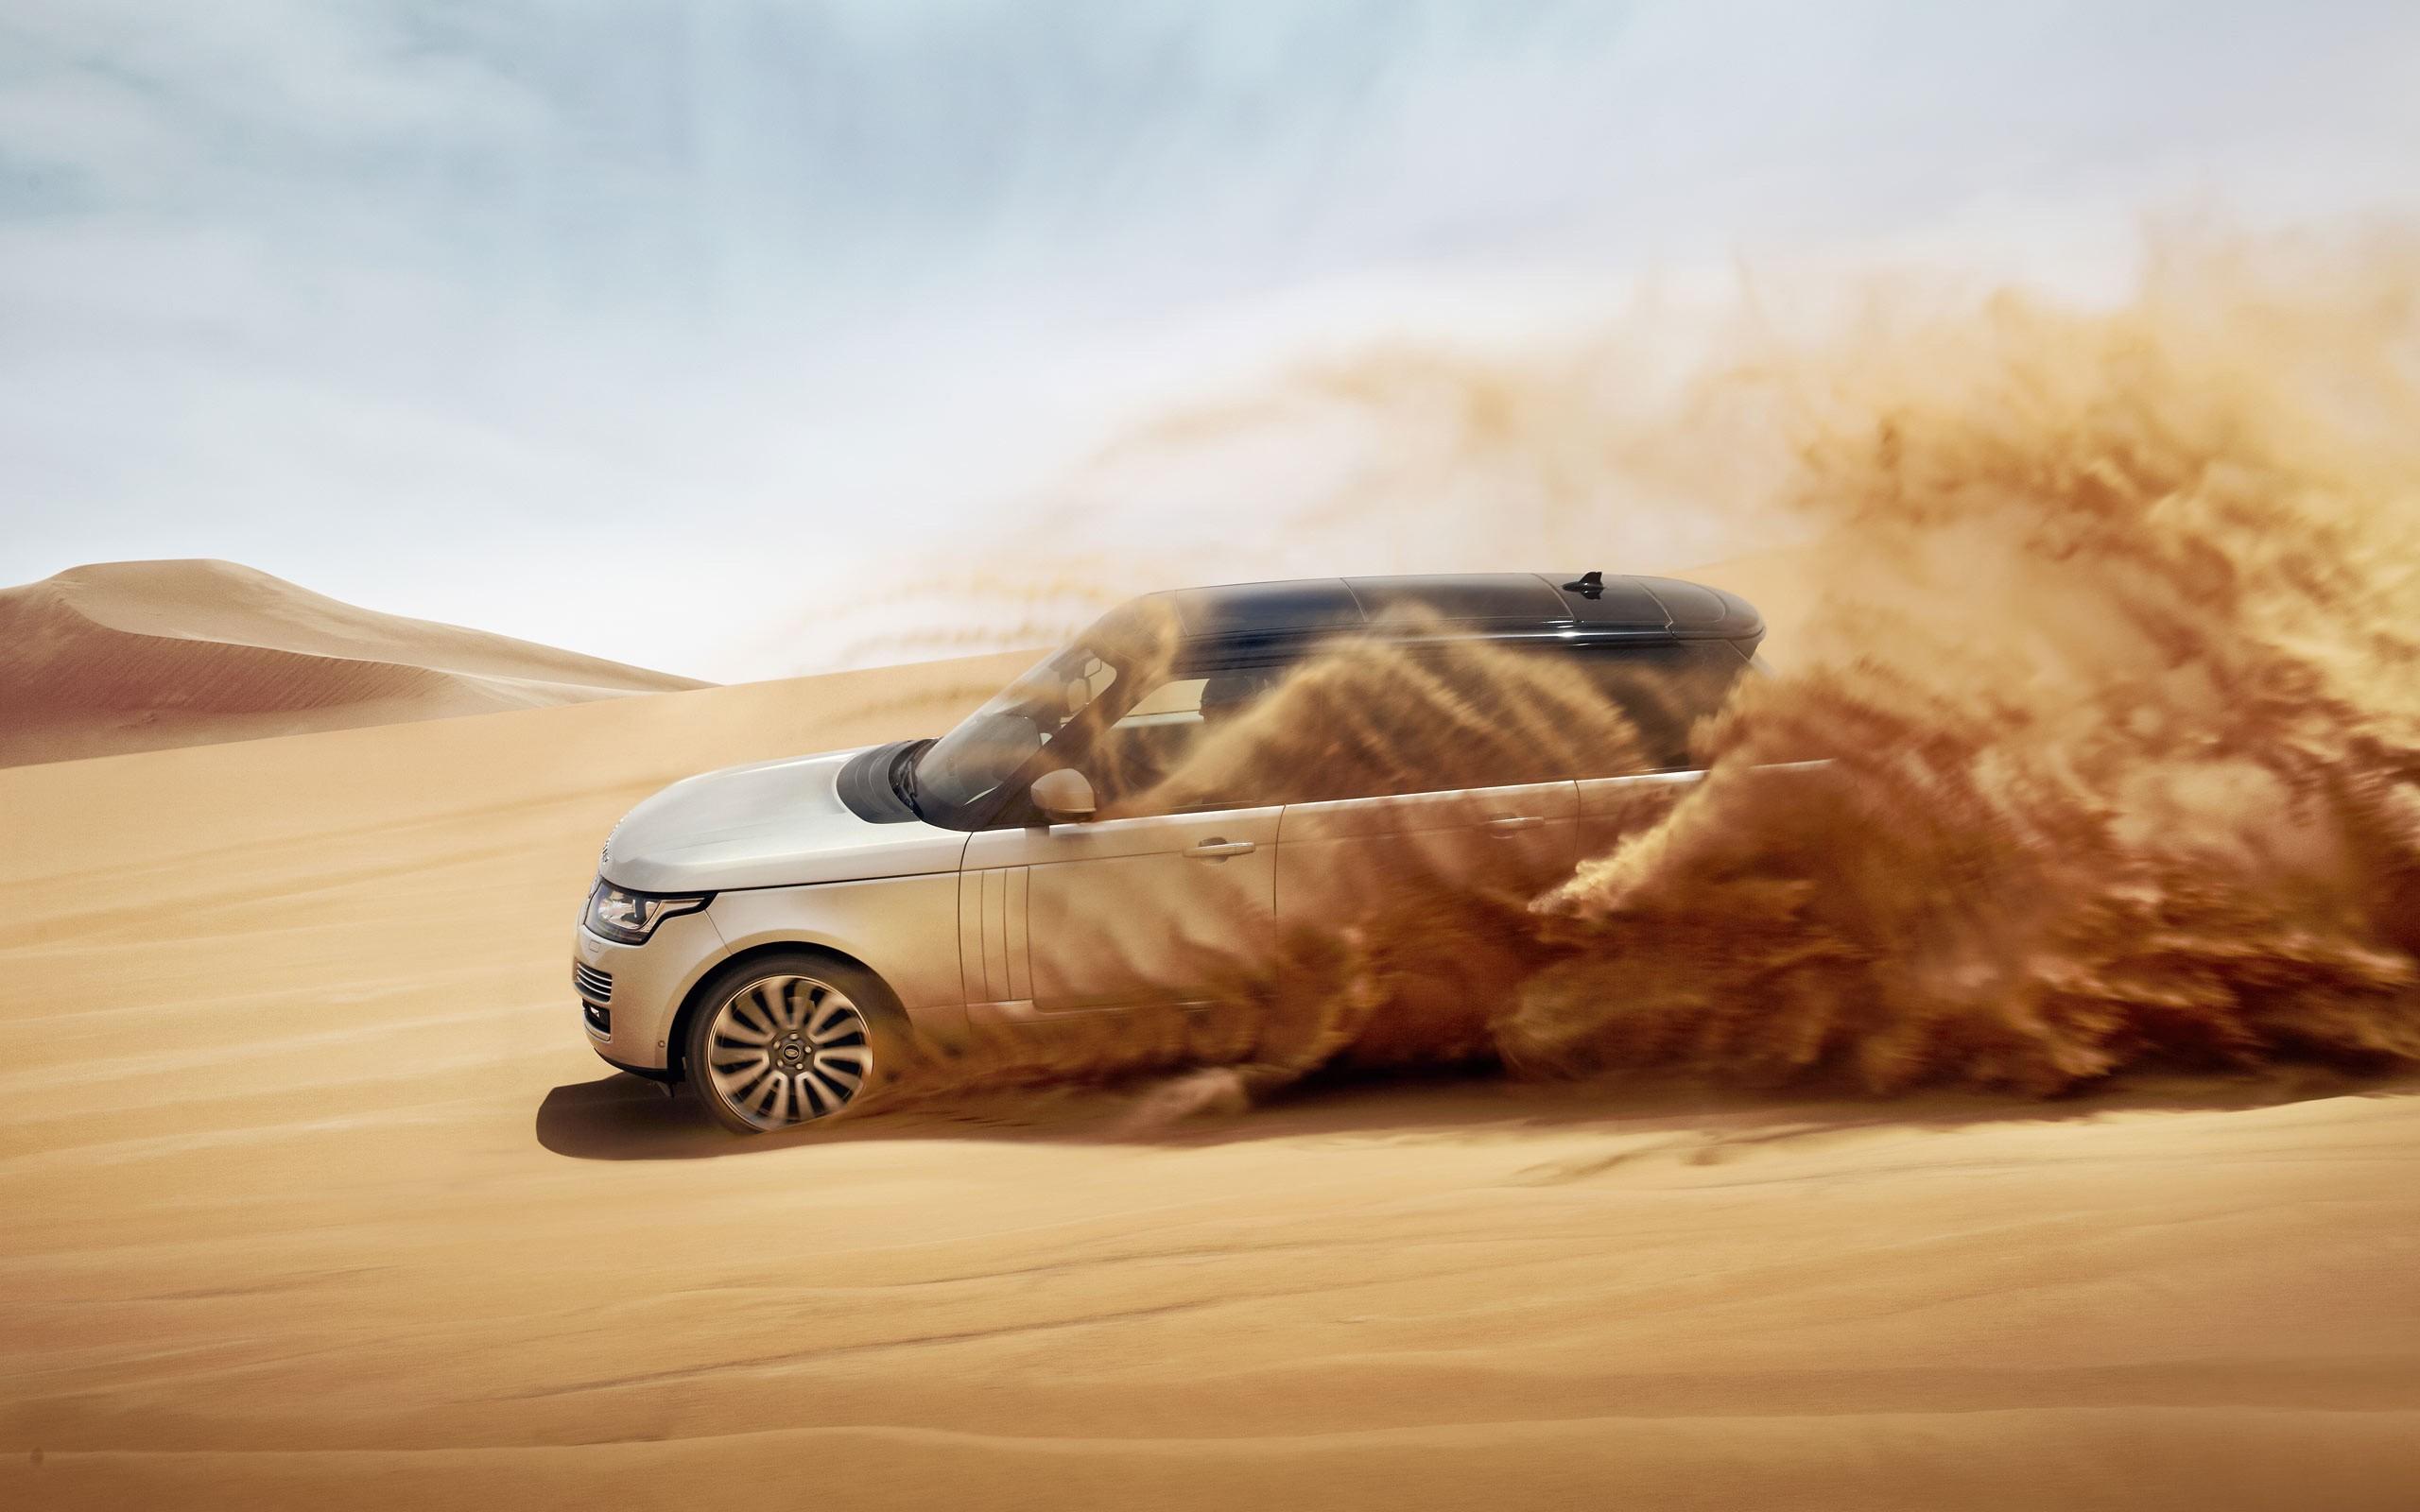 2013 Land Rover Range Rover 4 Wallpaper | HD Car ...